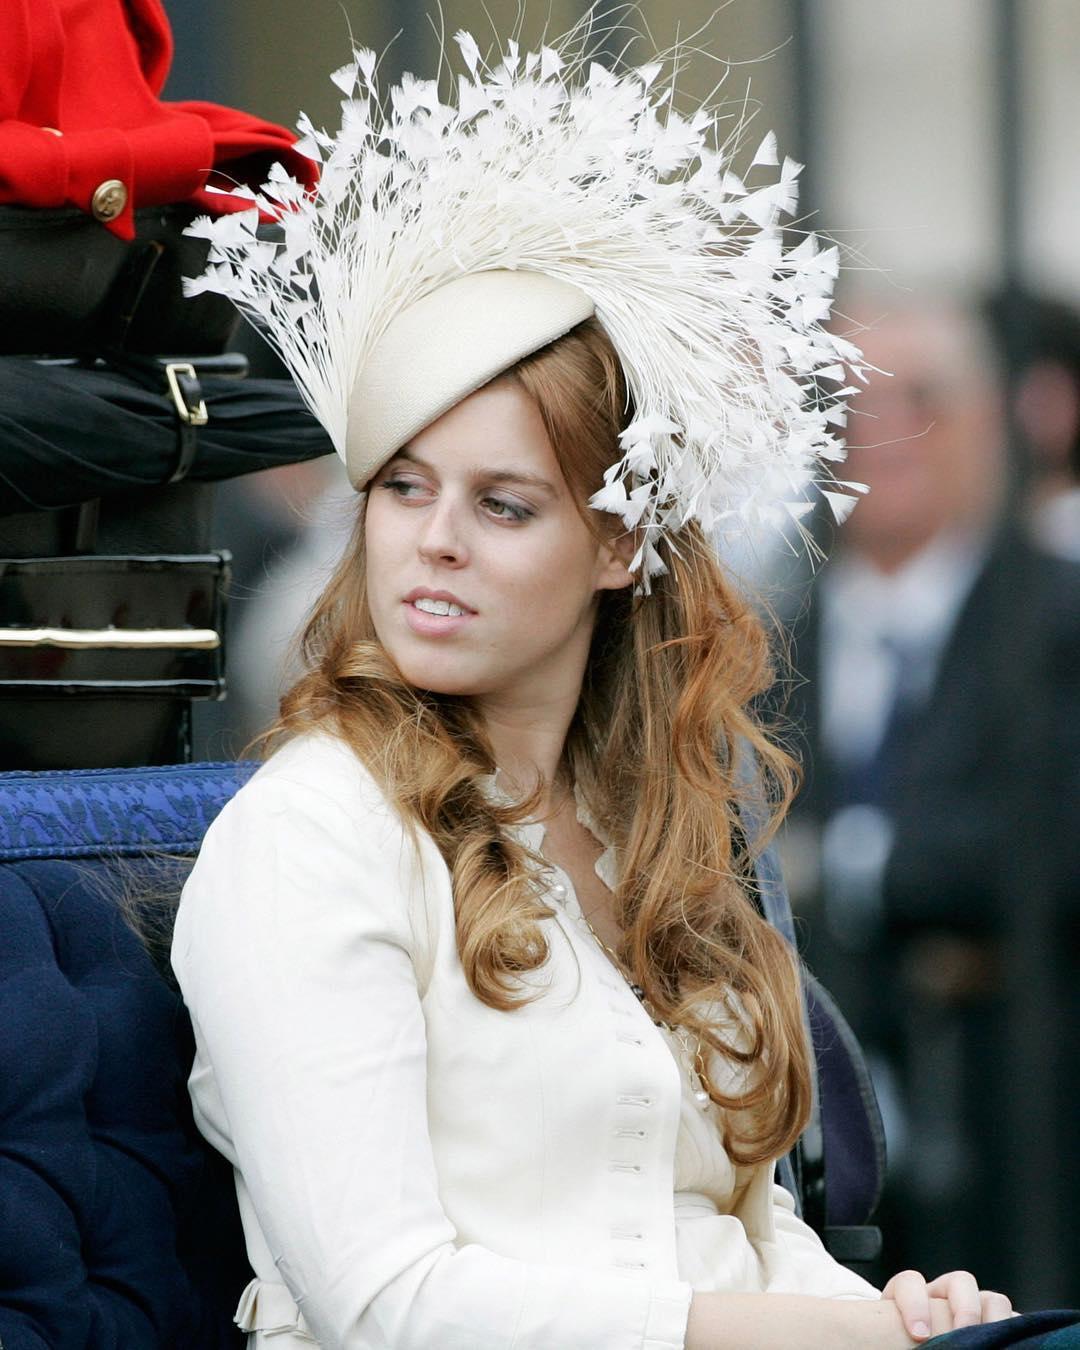 Принцесса Йоркская Беатрис тайно обвенчалась - СМИ